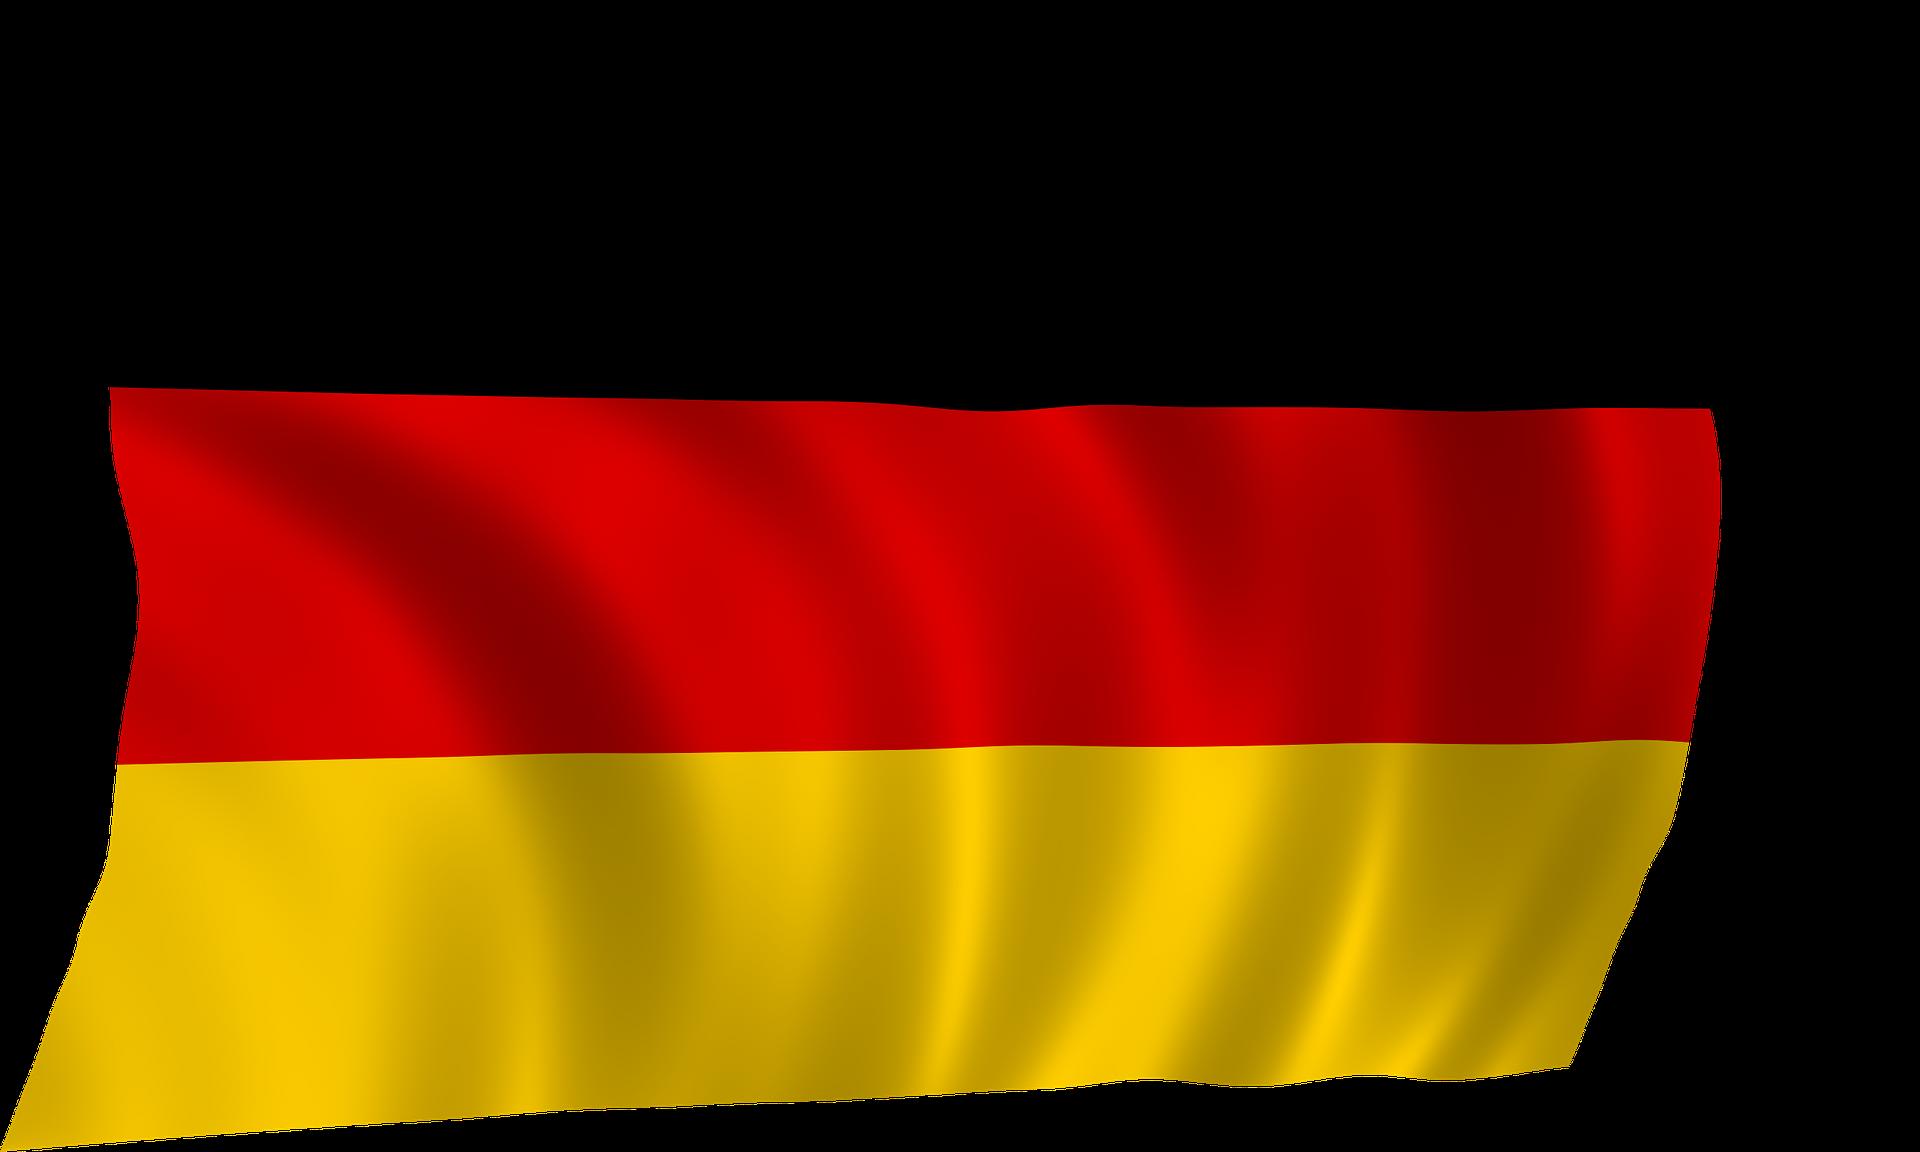 german-flag-1332897_1920.png